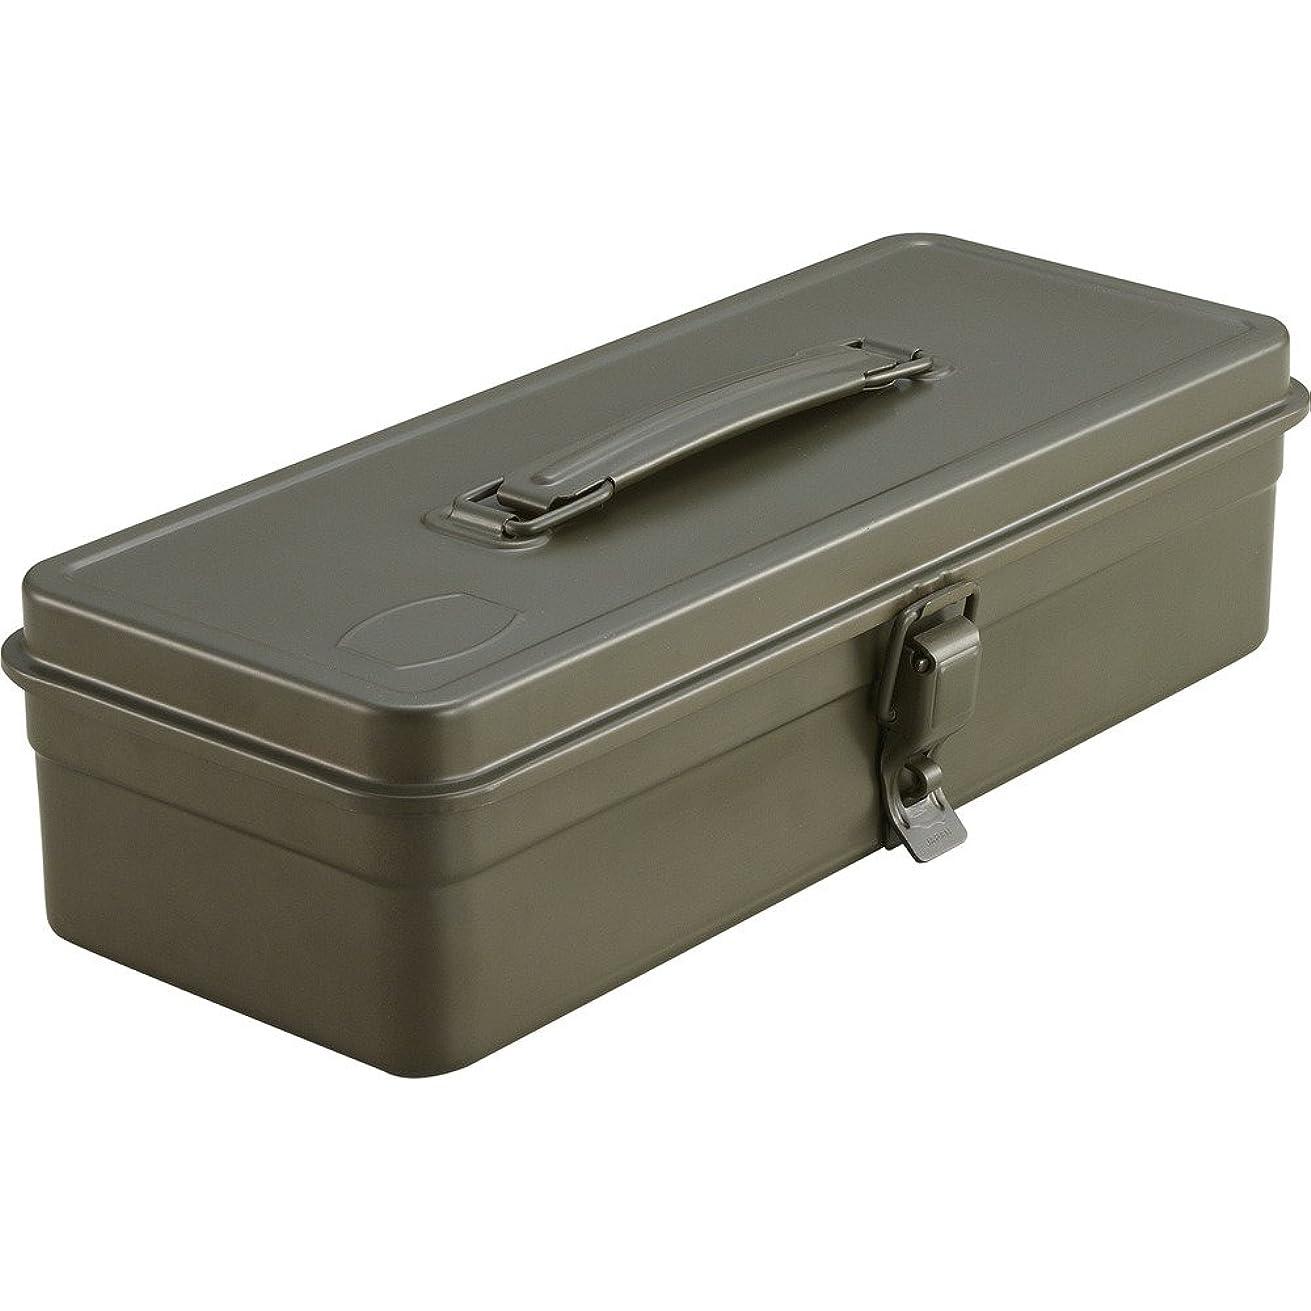 複雑プリーツ理容師TRUSCO(トラスコ) トランク型工具箱 333X137X96.5 OD色 T-320-OD